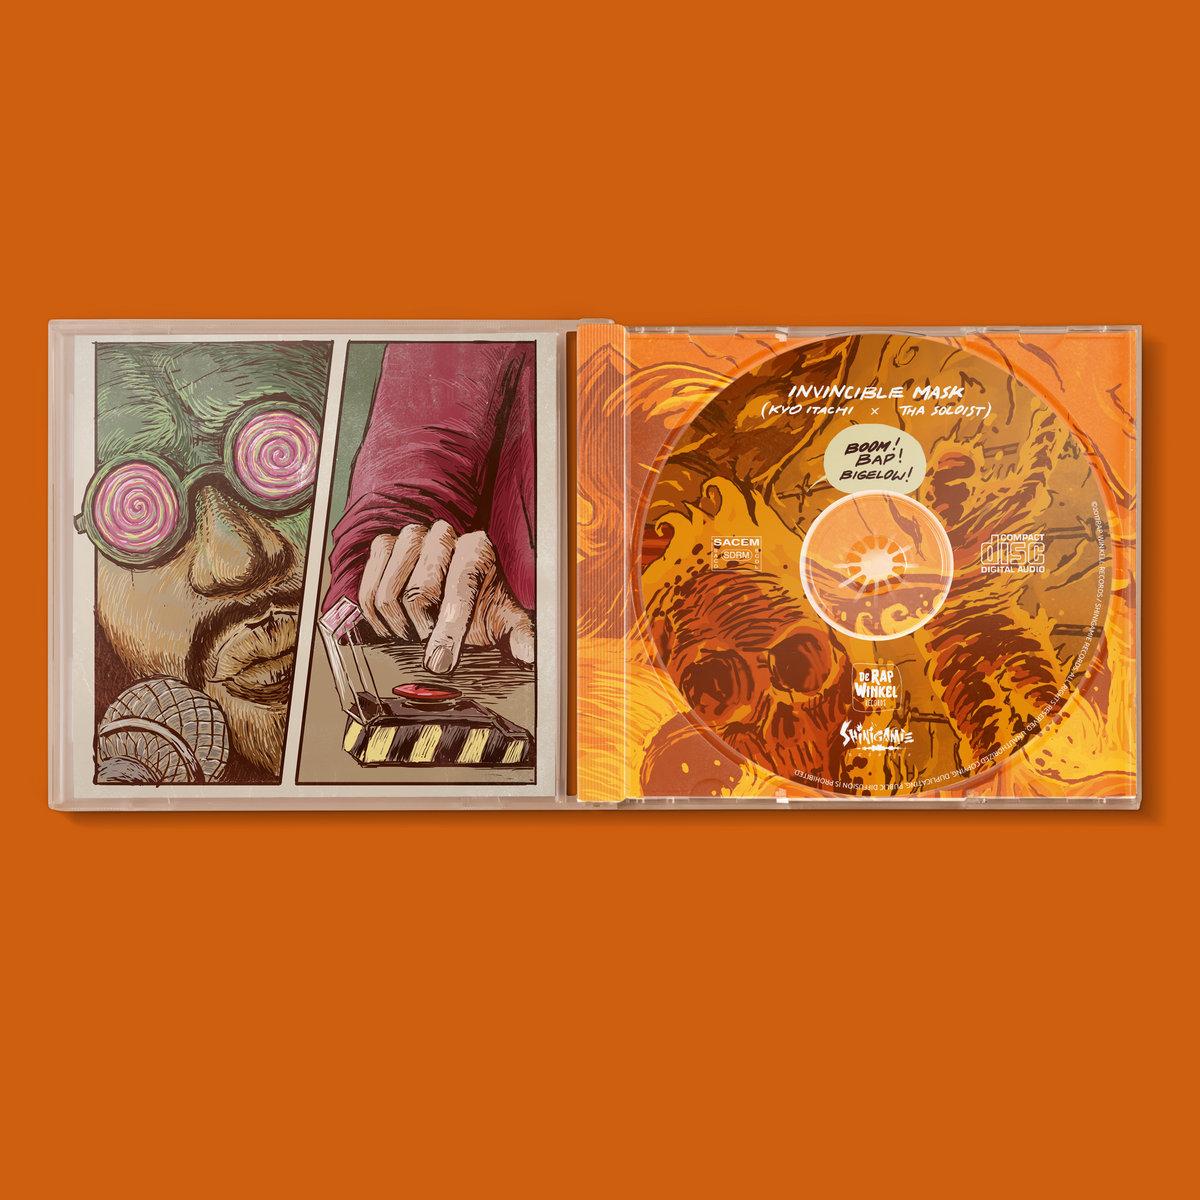 bap power album download zip